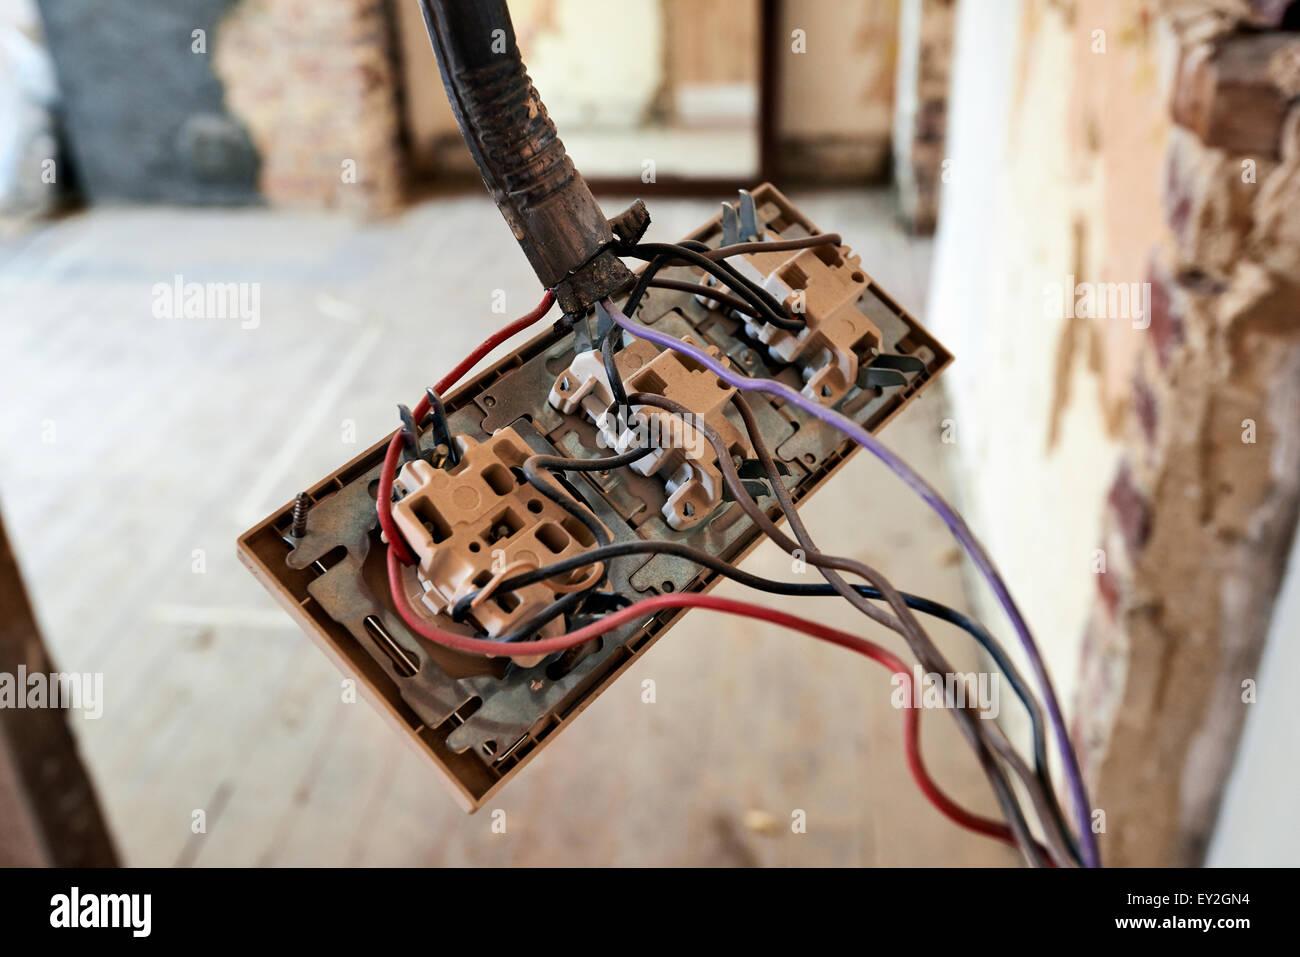 Berühmt Lichtschalter Mit Steckdose Installieren Ideen - Der ...